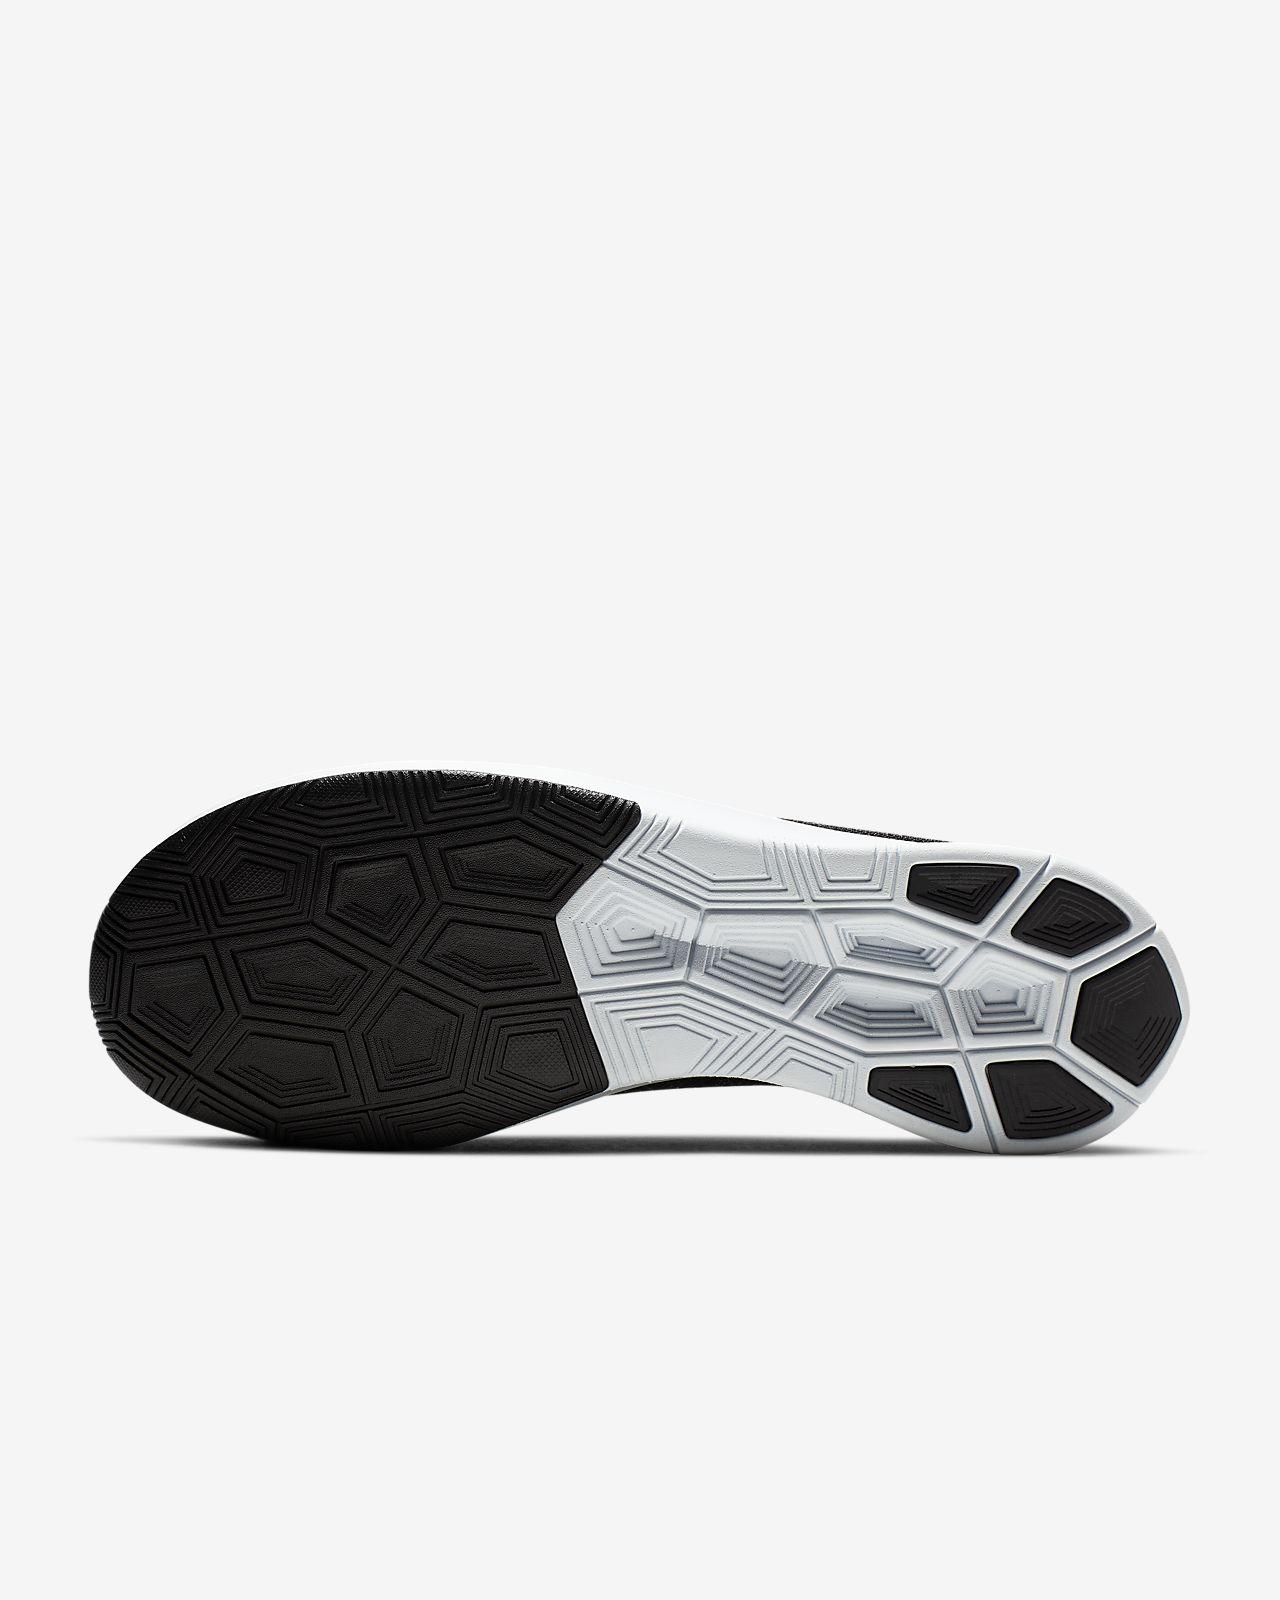 56507500d9ee Nike Zoom Fly Flyknit Men s Running Shoe. Nike.com